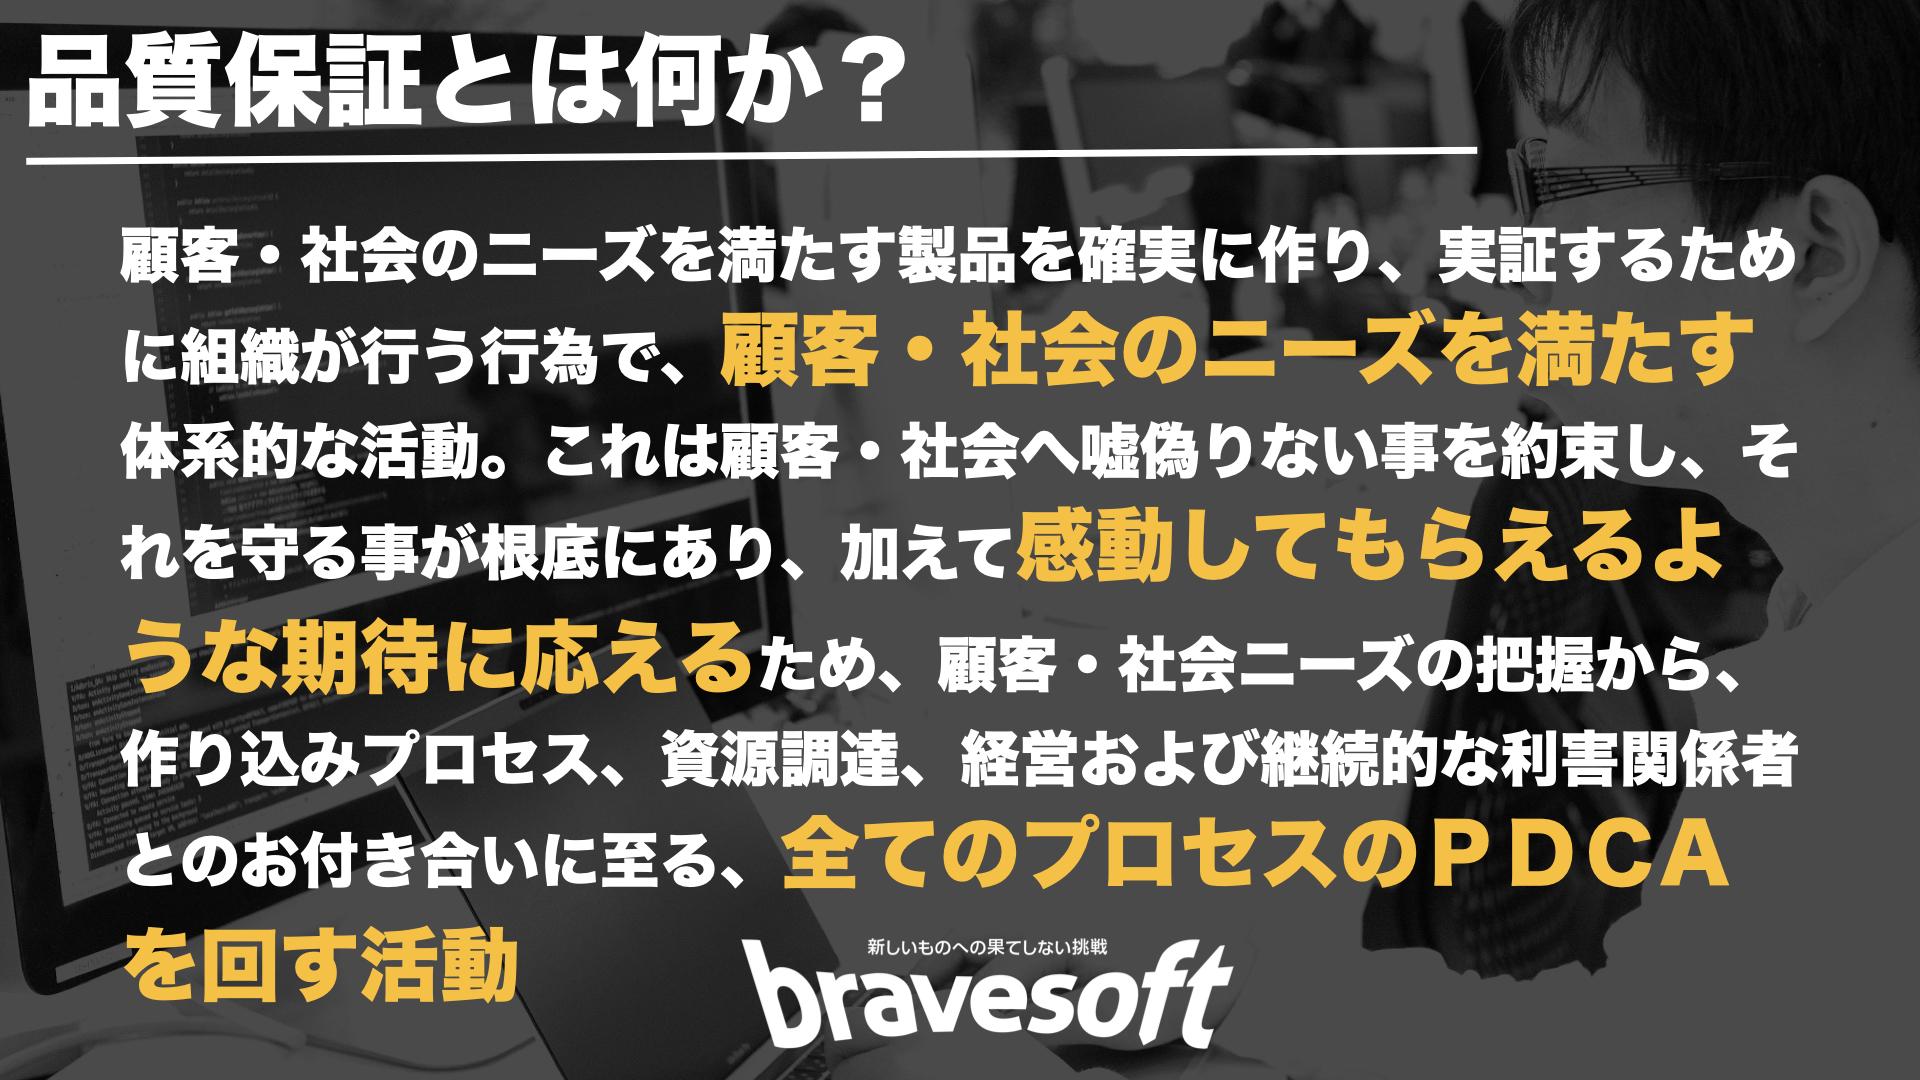 品質保証とは何か?|bravesoft